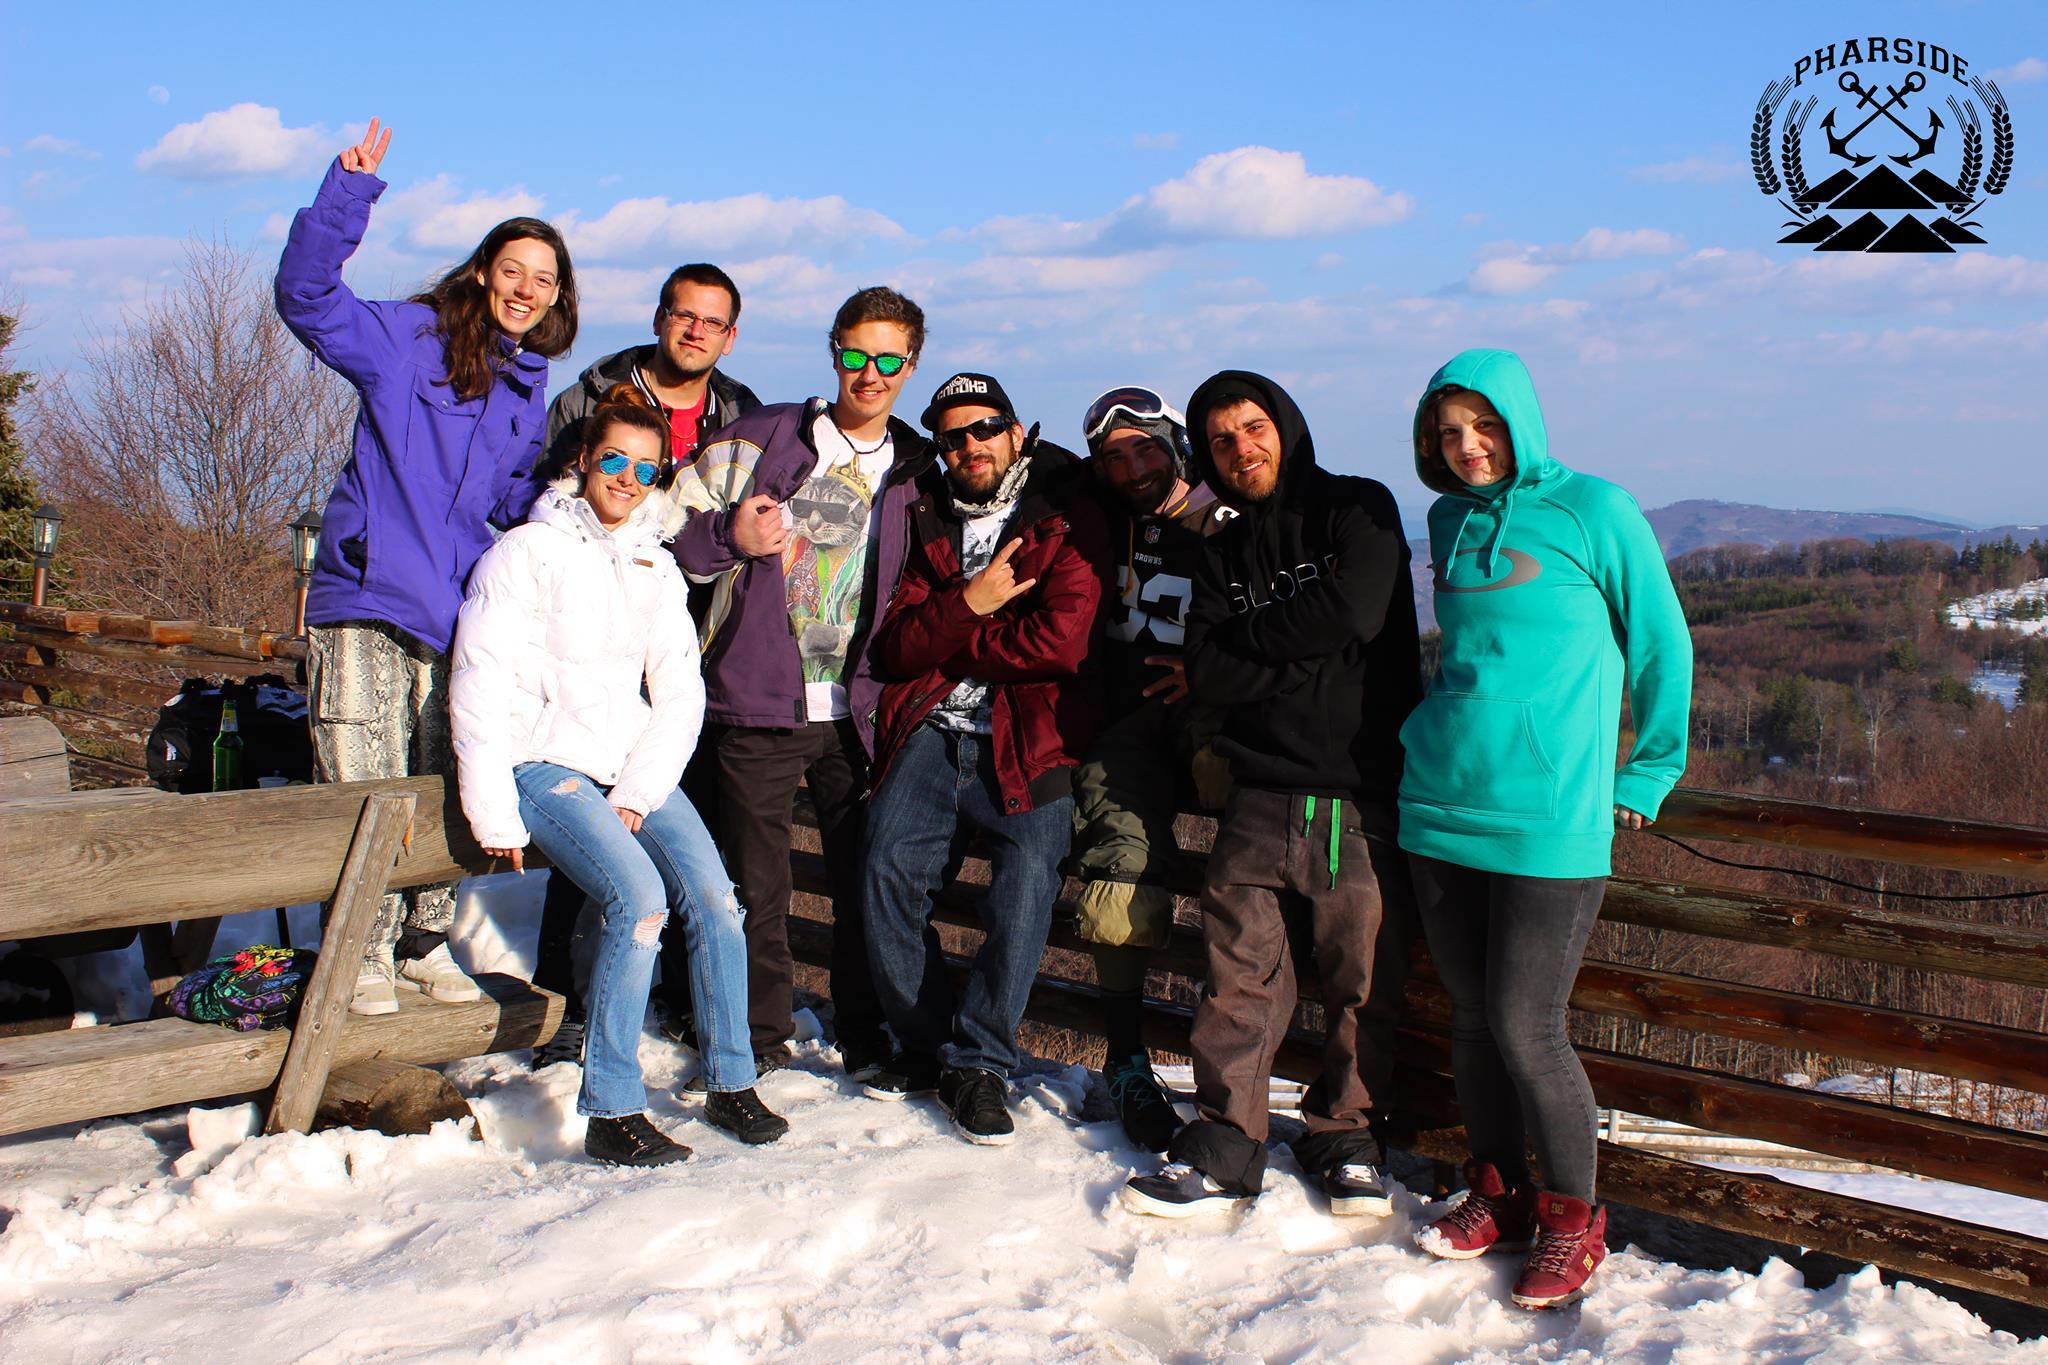 сноуборд, лагер, сноуборд уроци, осогово, база, pharside